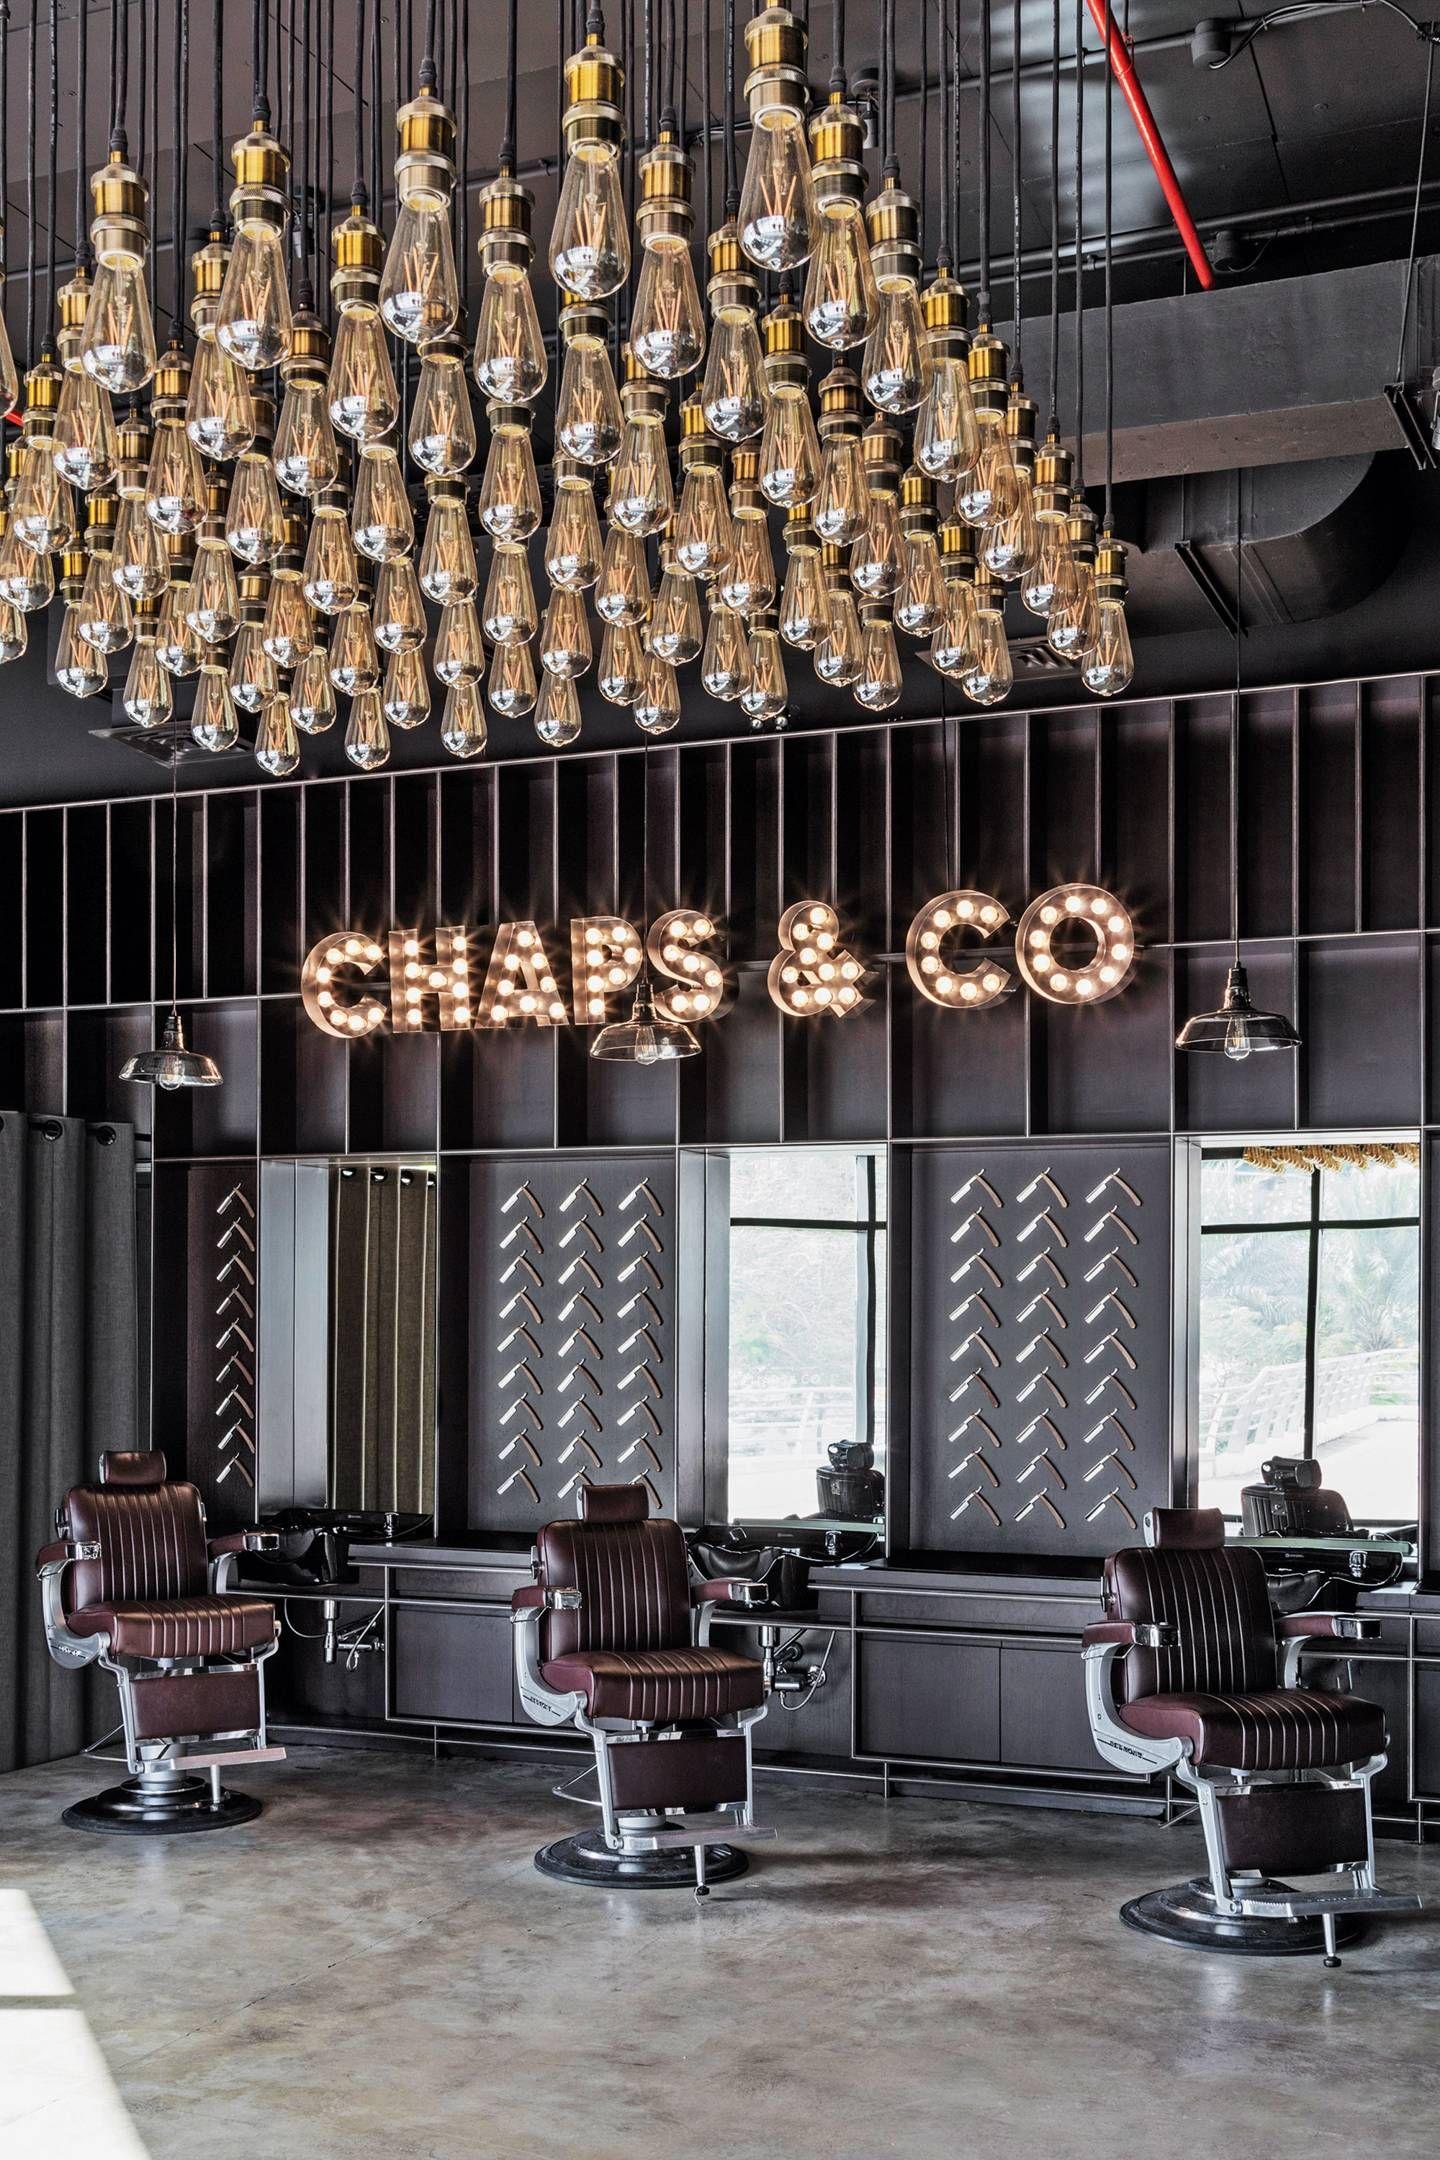 Beautiful barbershops around the world